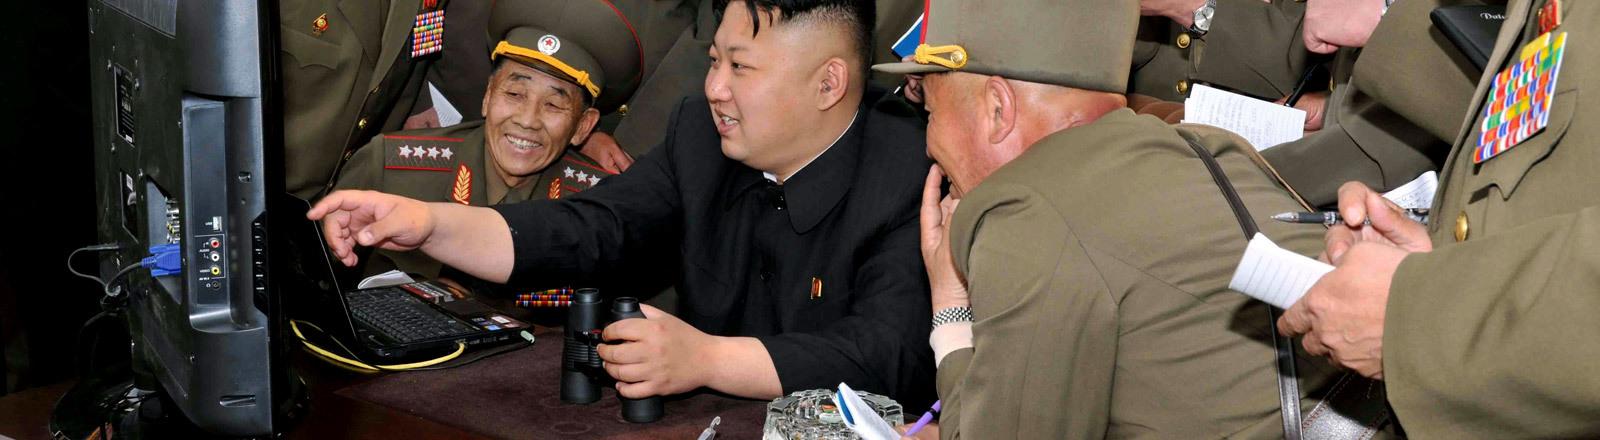 Kim Jong-un sitzt an einem Schreibtisch, begleitet von diversen Männern in Uniform